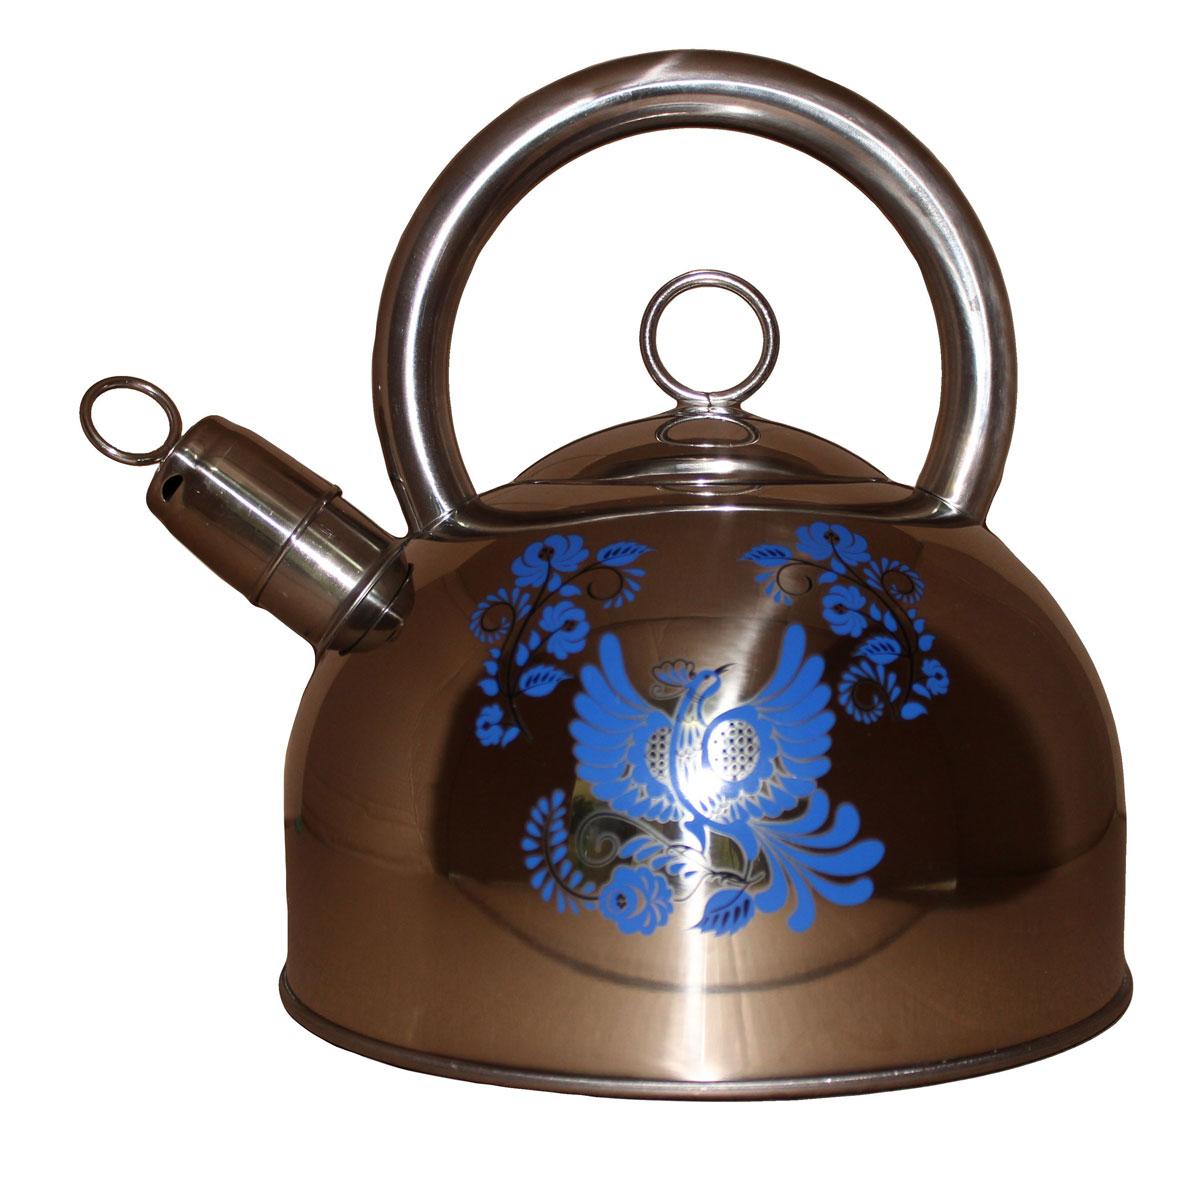 Чайник Vetta Гжель, 2,5 л847051Чайник, гжель. Изготовлен из нержавеющей стали. Имеет свисток, который сообщит о закипании воды. Отлично подходит для индукционных варочных поверхностей.